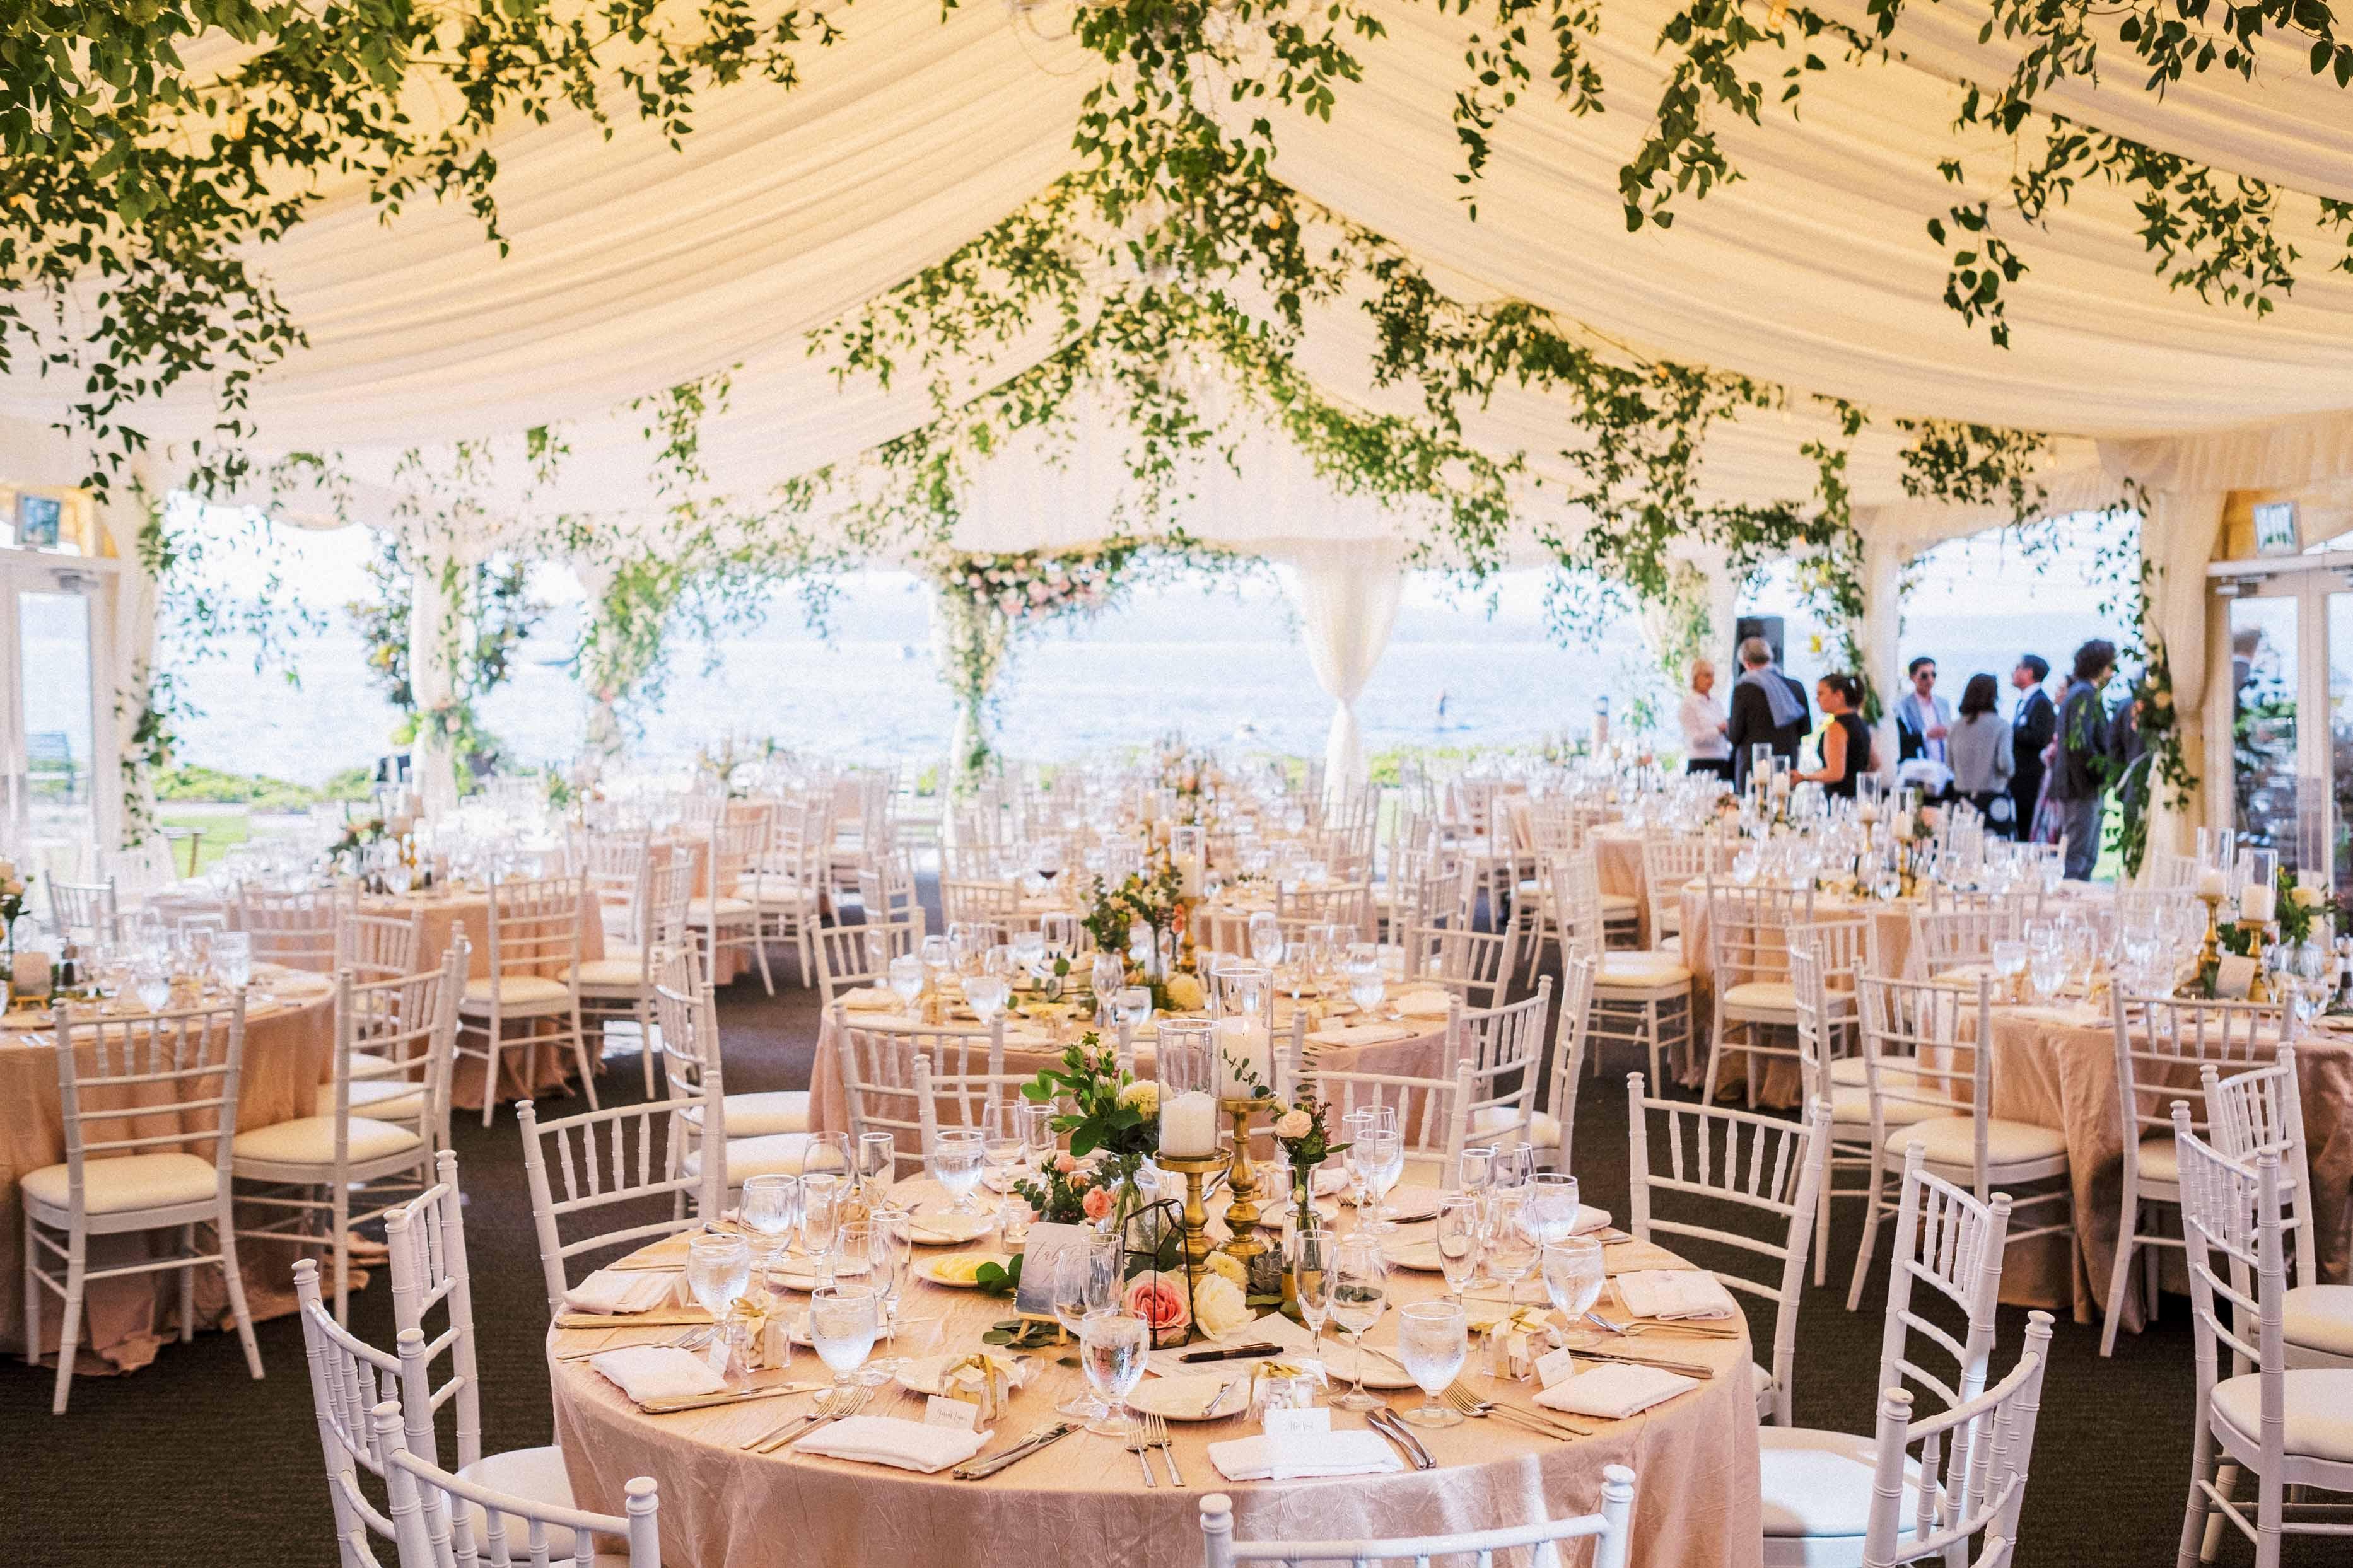 Reception for a Woodmark Hotel wedding